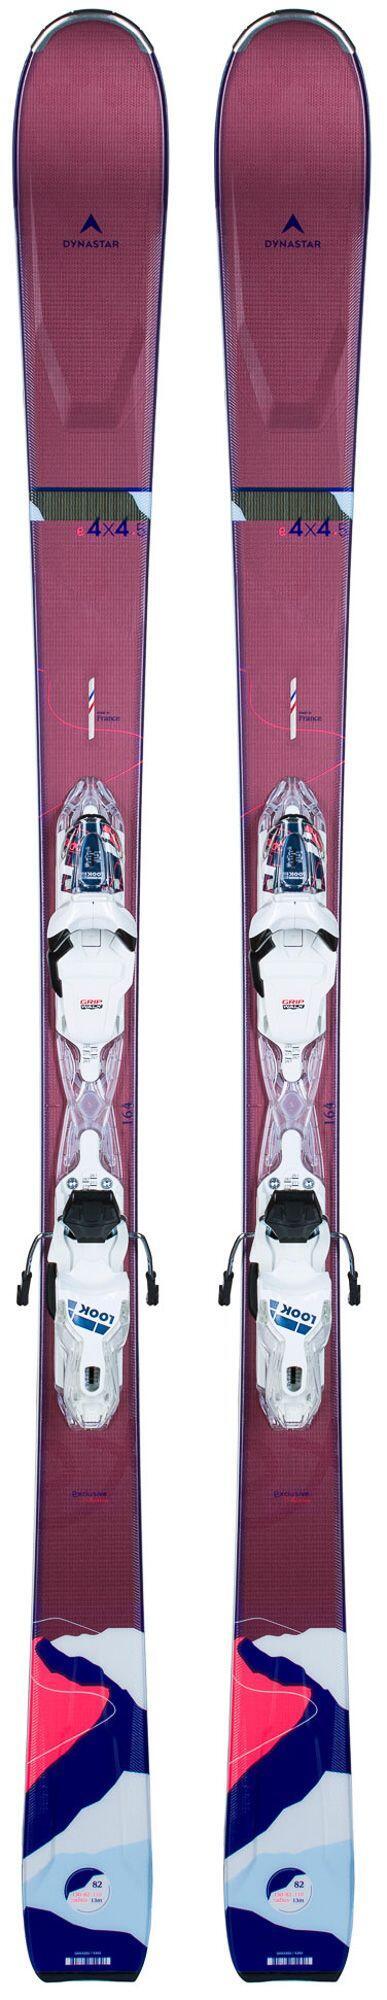 Dynastar E 4x4 5 Konect Wmns Ski + Xpress W 11 GW Binding